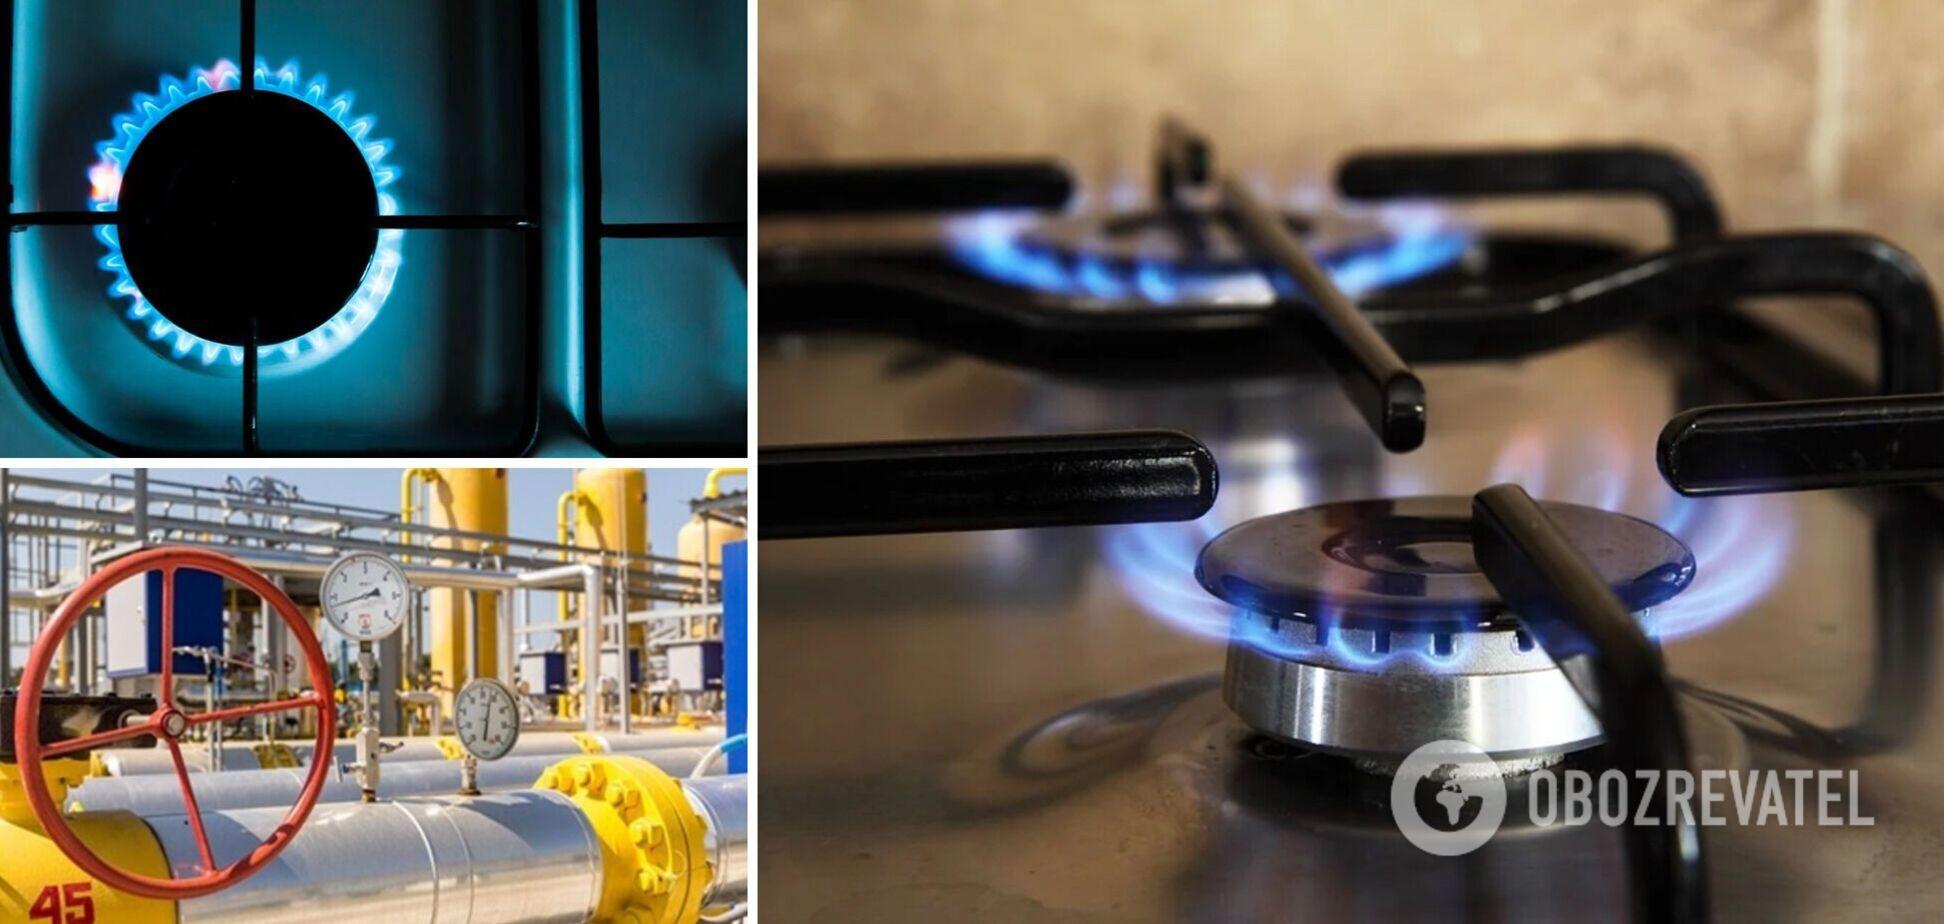 Украинцы жалуются на плохое качество газа, но эксперты не согласны с этим